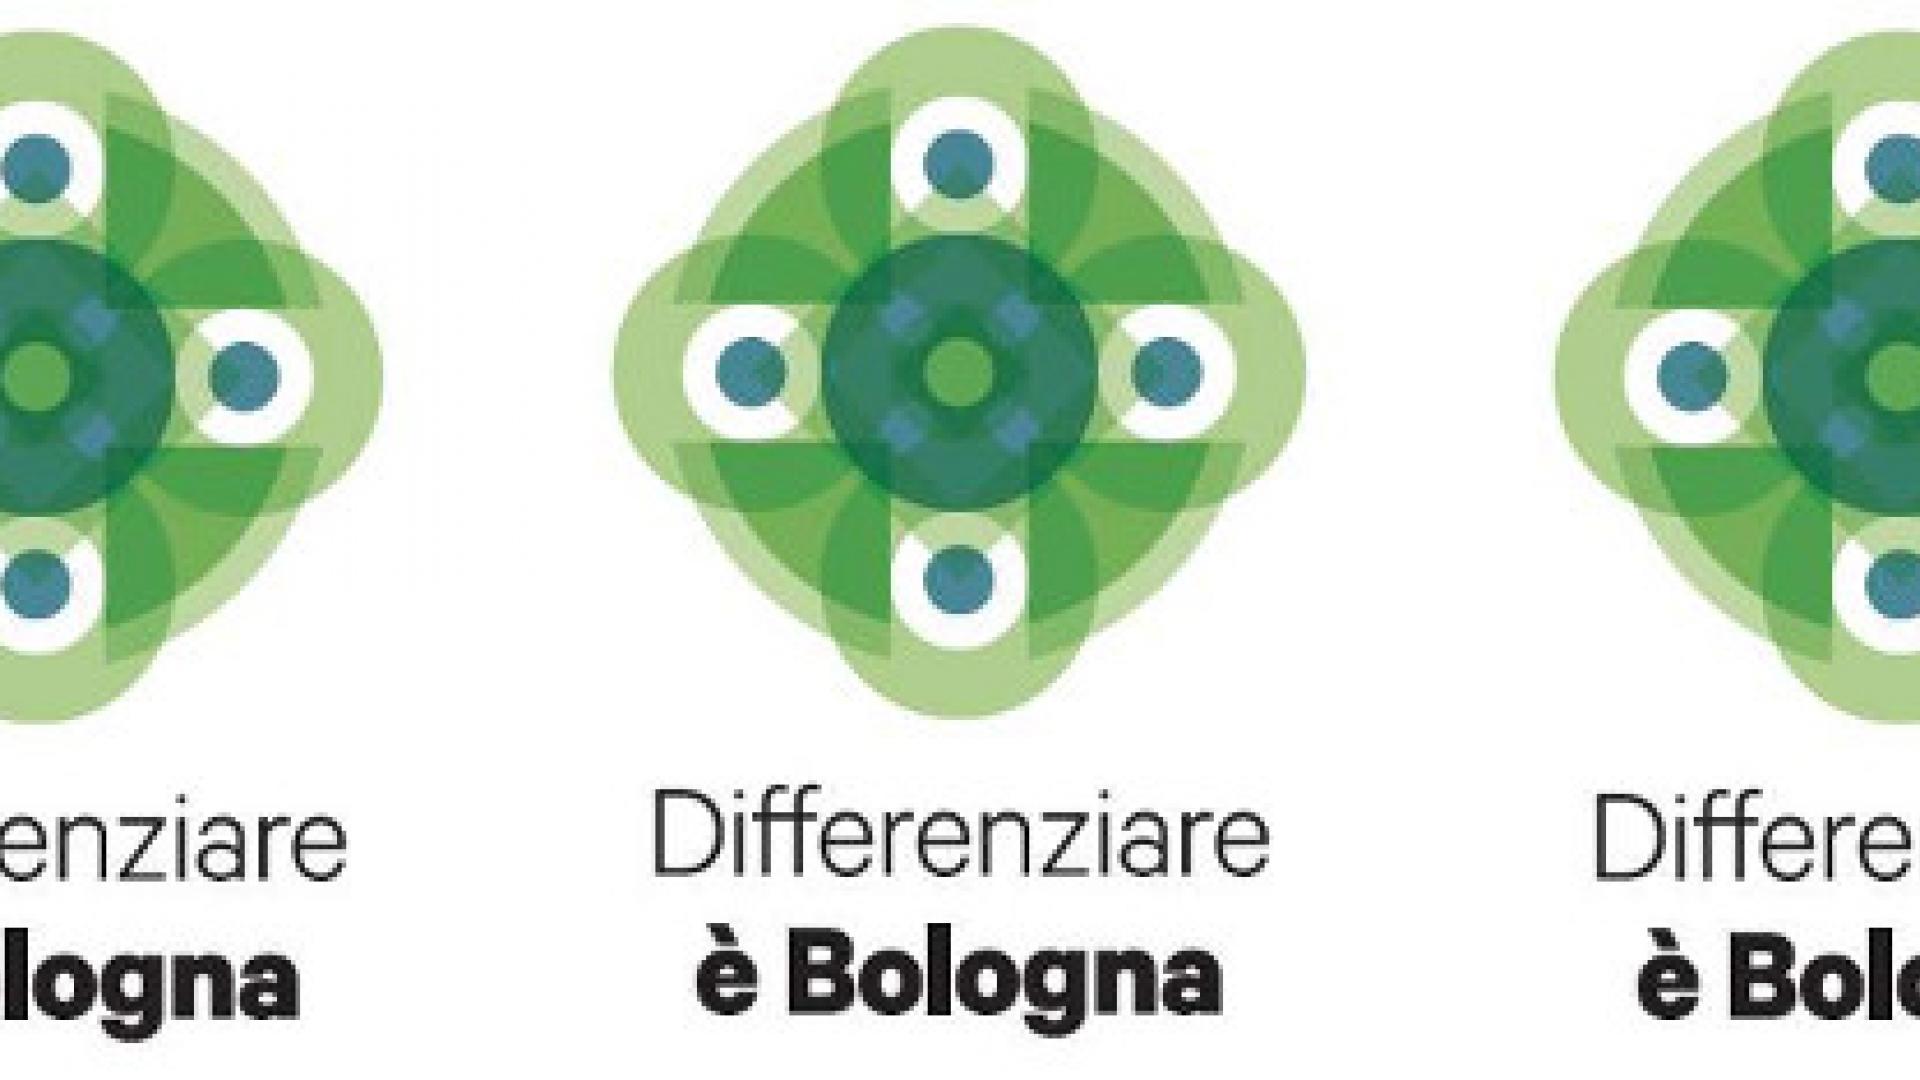 city brand Differenziare è Bologna